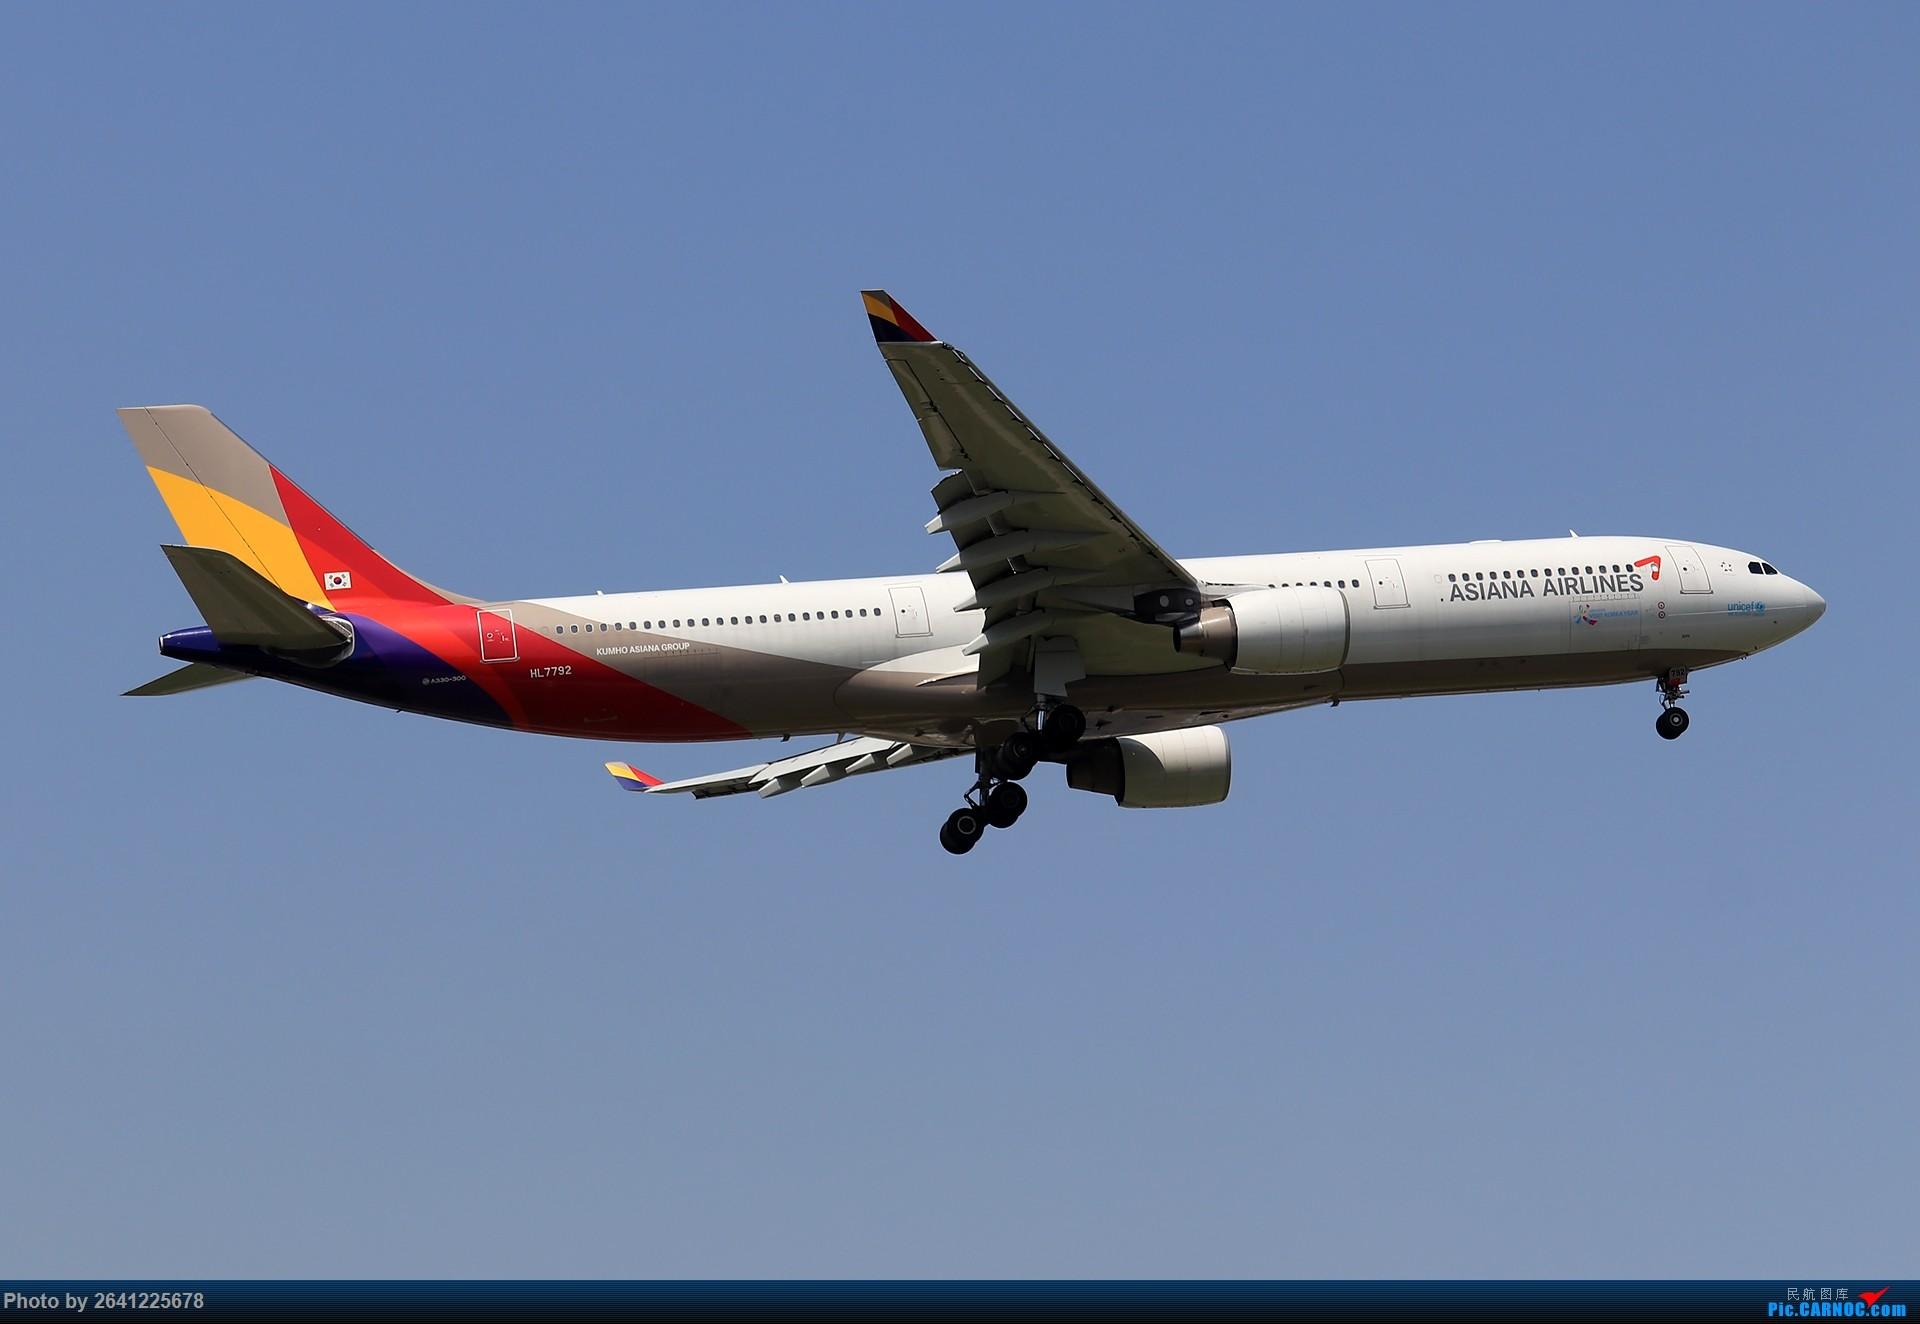 Re:[原创]*****试新机+新镜***** 1920(烂天+地热+渣技术,望大佬多多包涵) AIRBUS A330-300 HL7792 中国北京首都国际机场